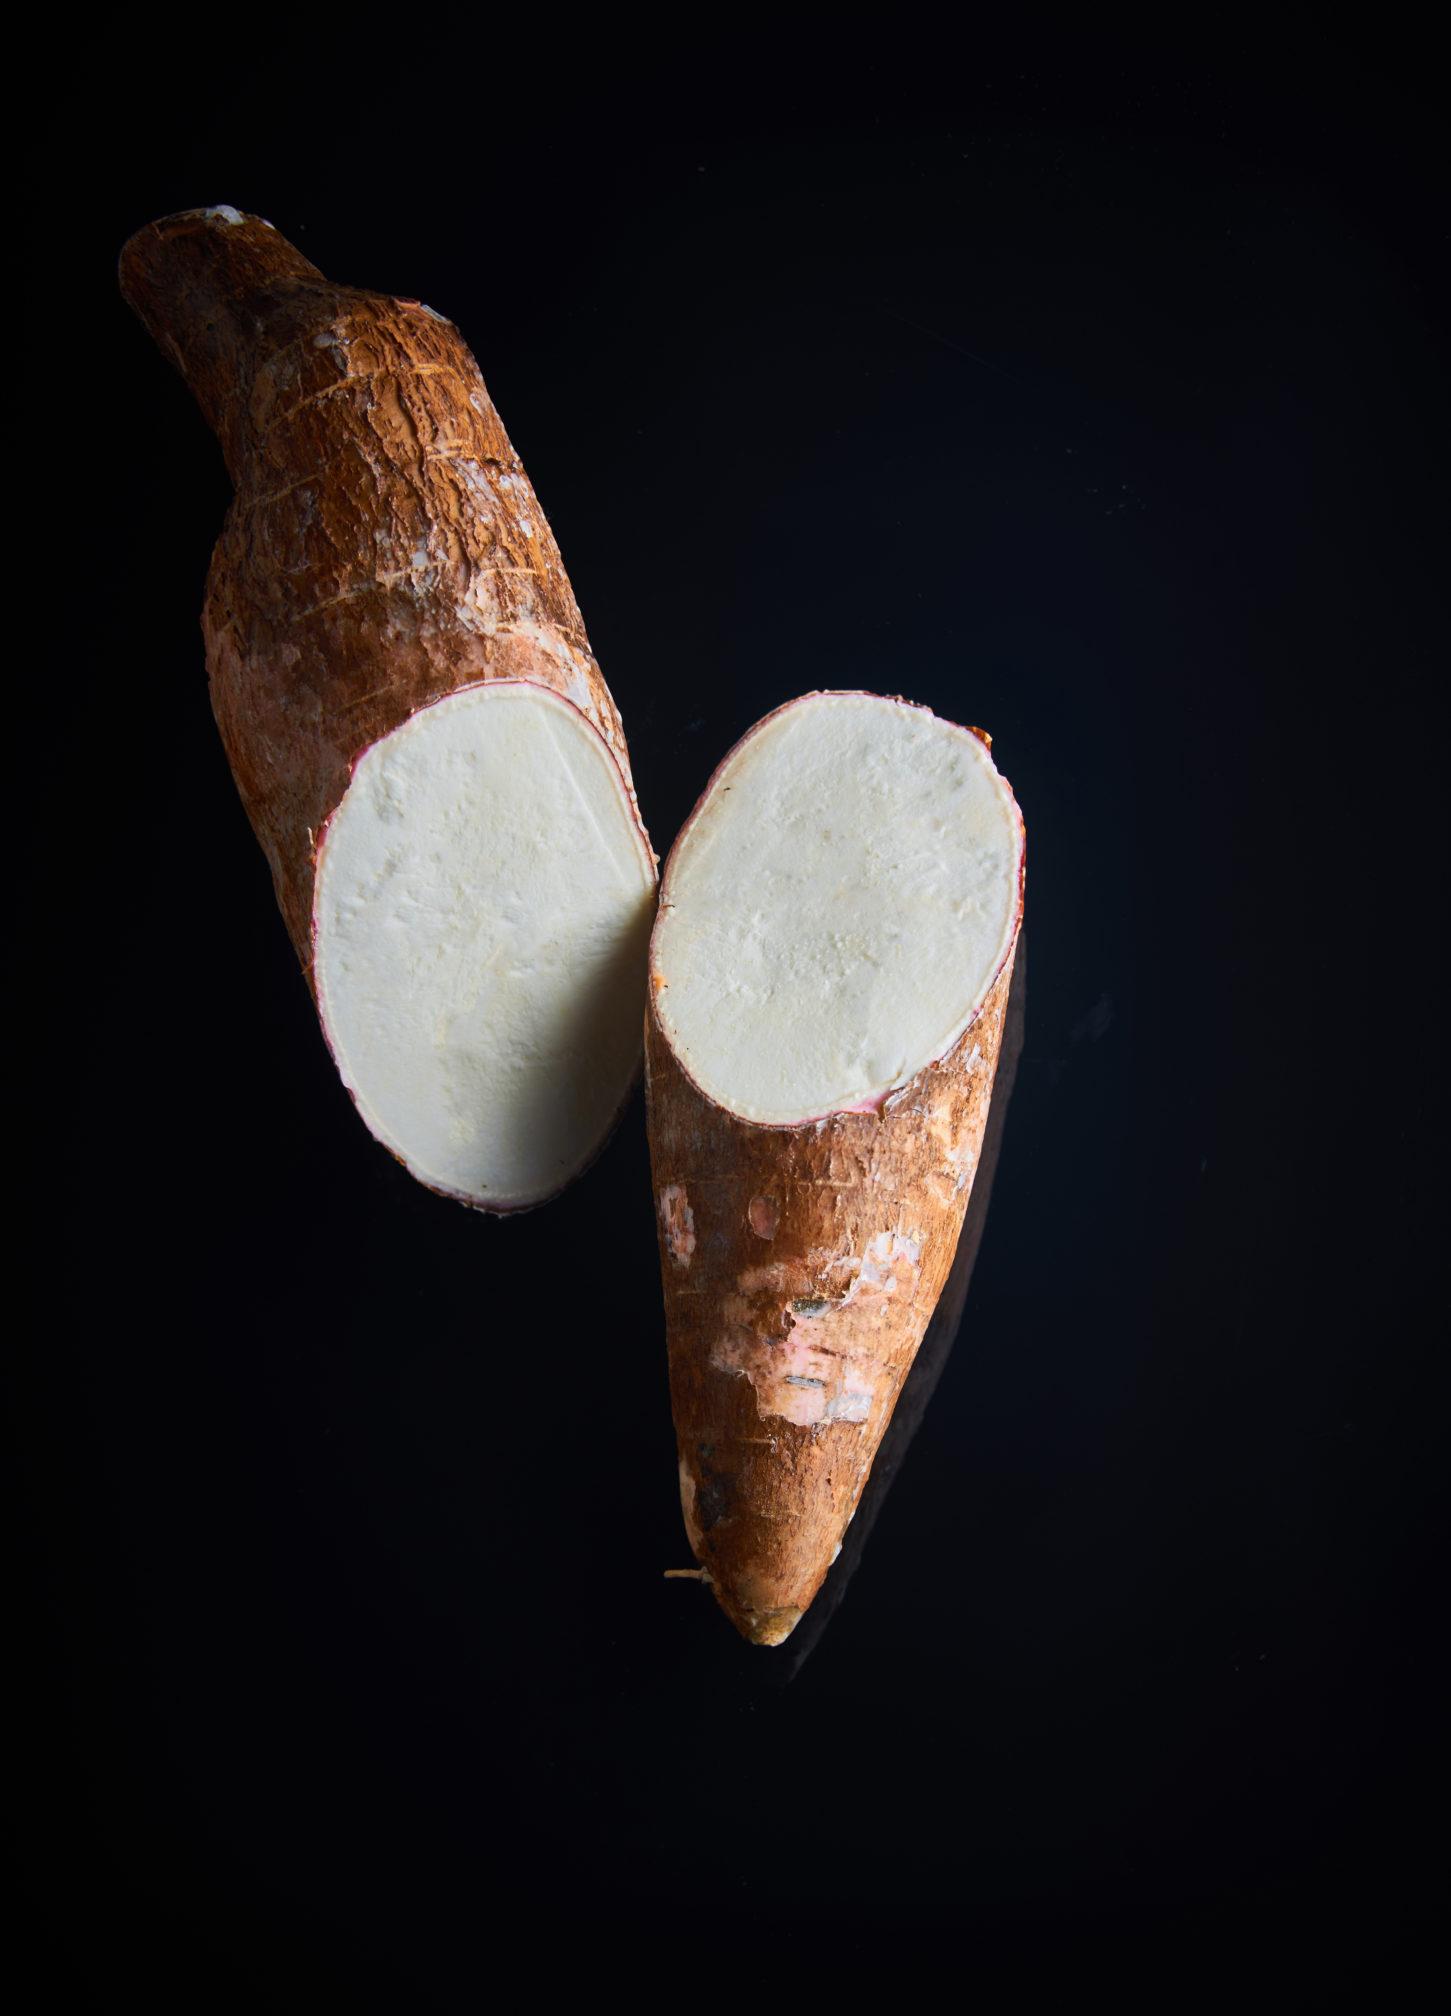 lilot-fruits-exotique-manioc-costa-rica-equateur